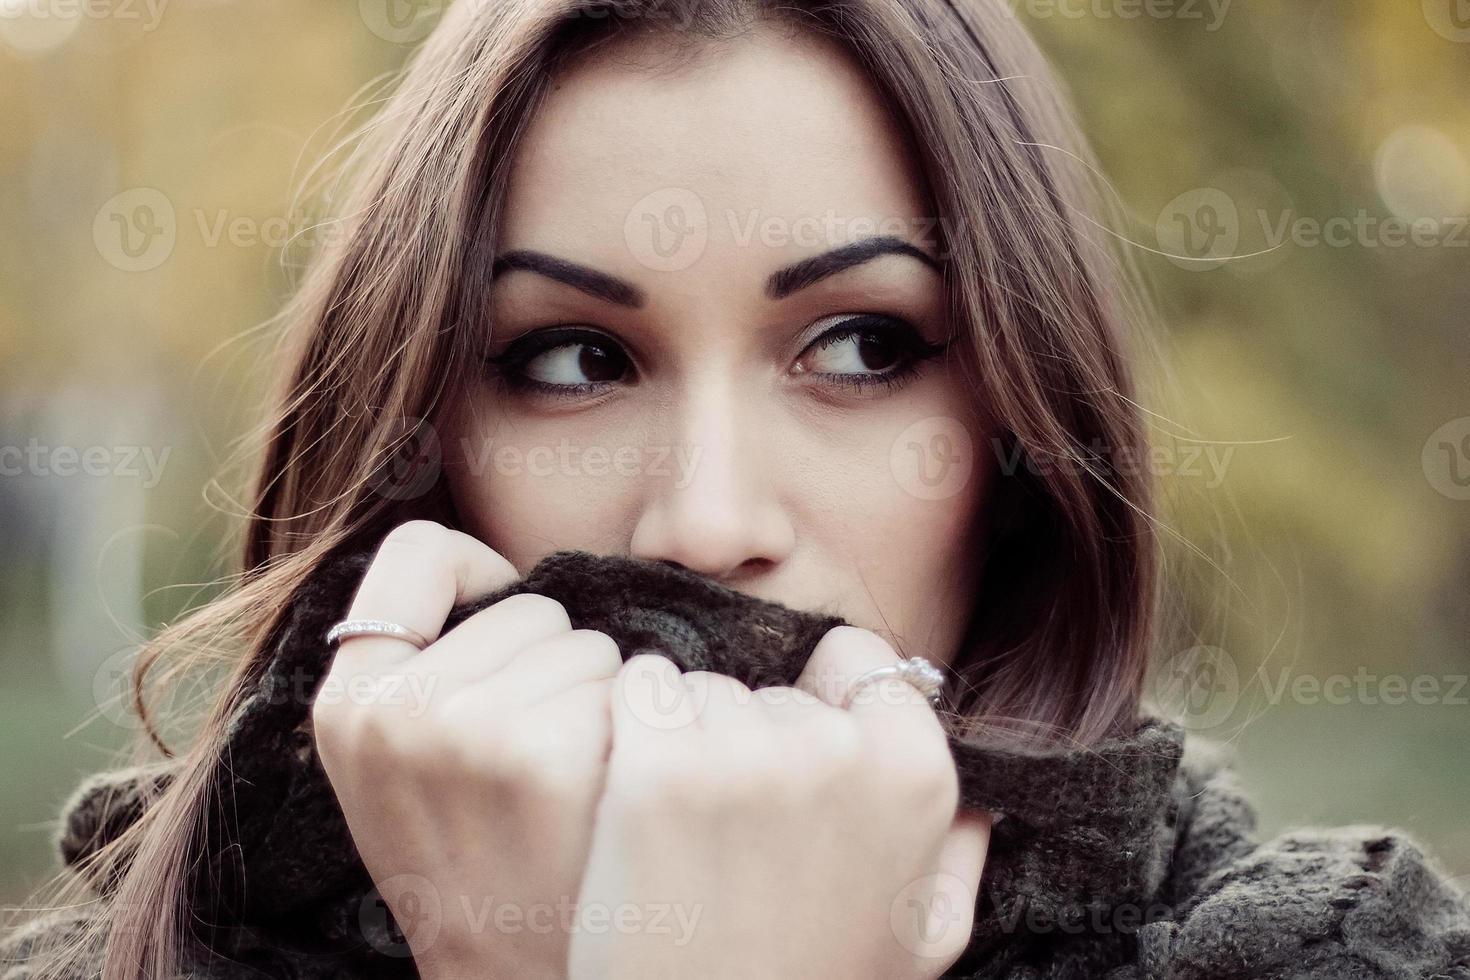 droevige, donkerharige vrouw gehuld in een sjaal foto